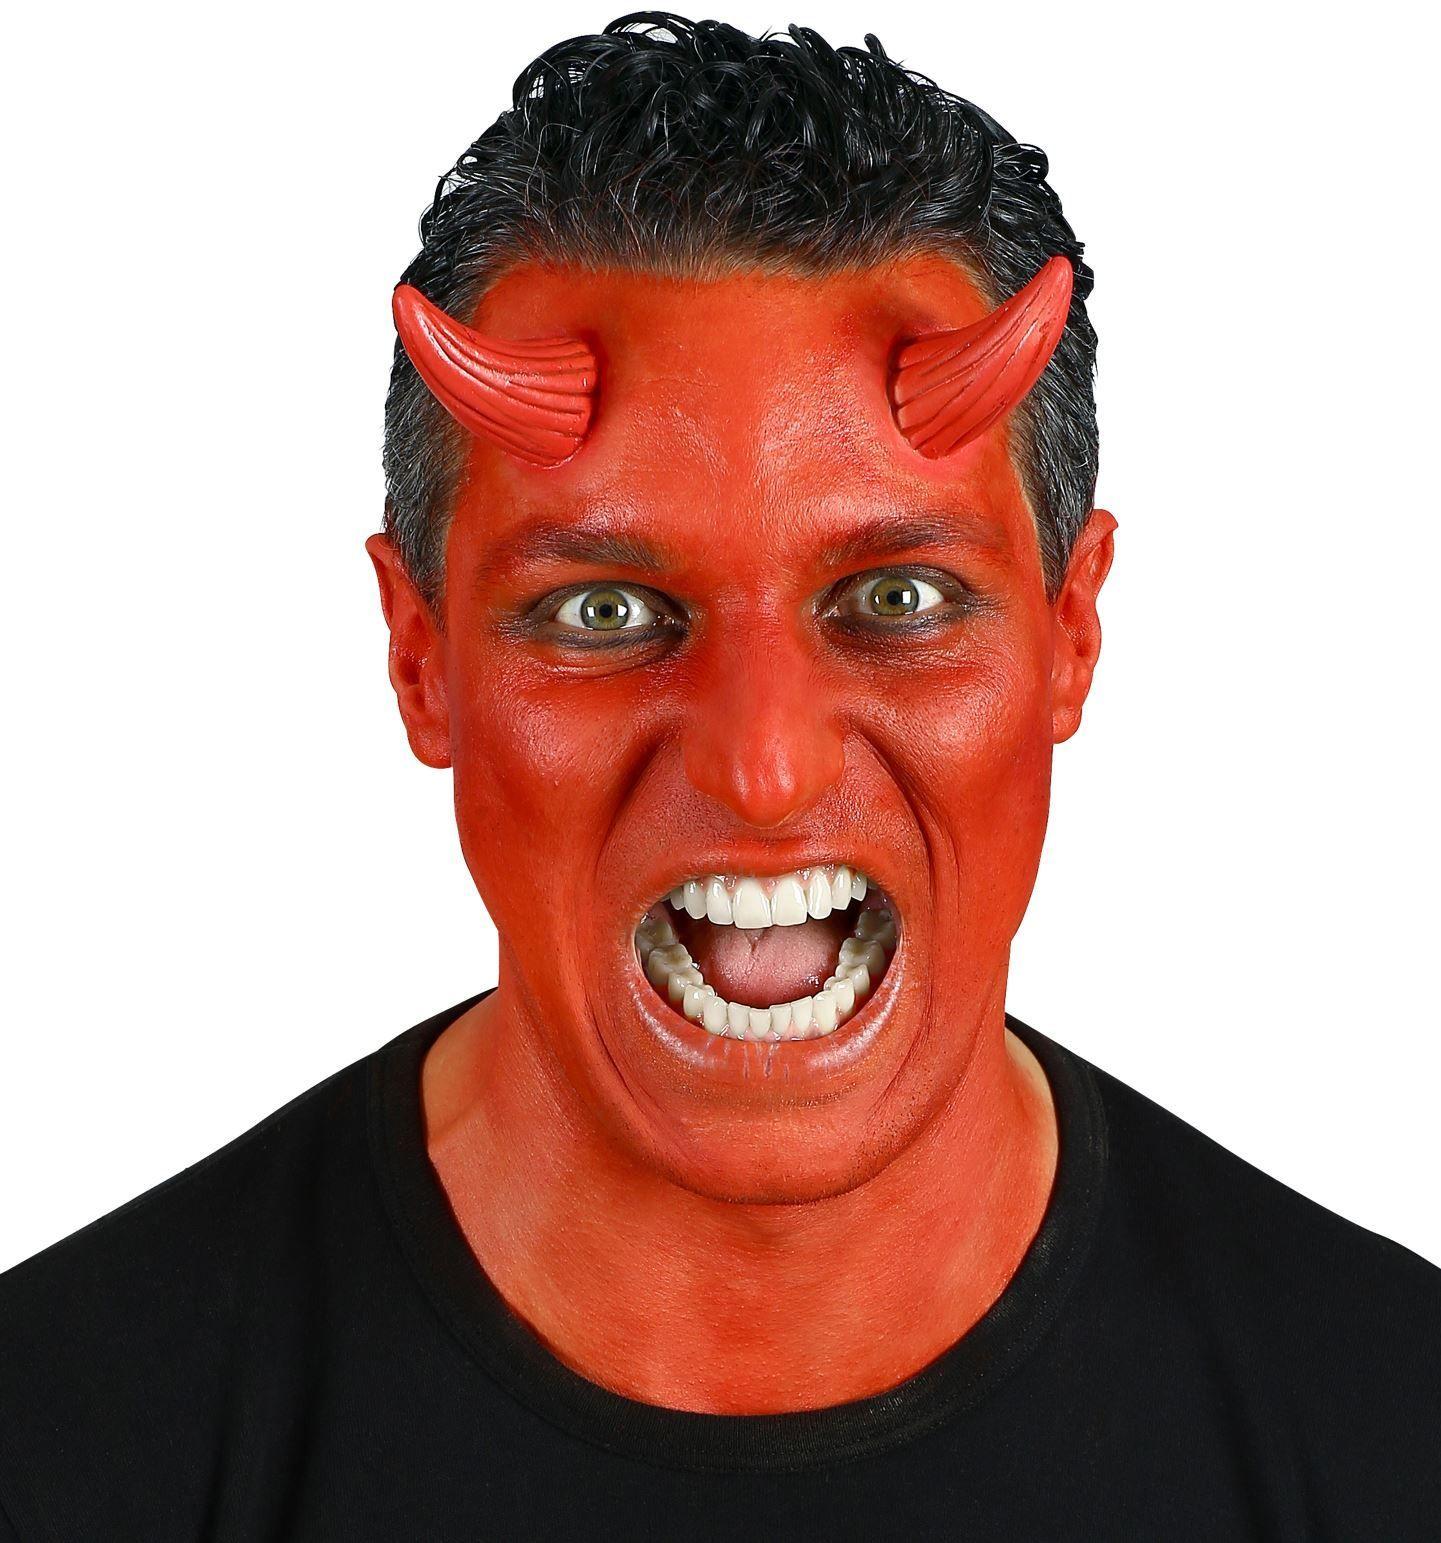 Opplakbare rode duivel hoorntjes